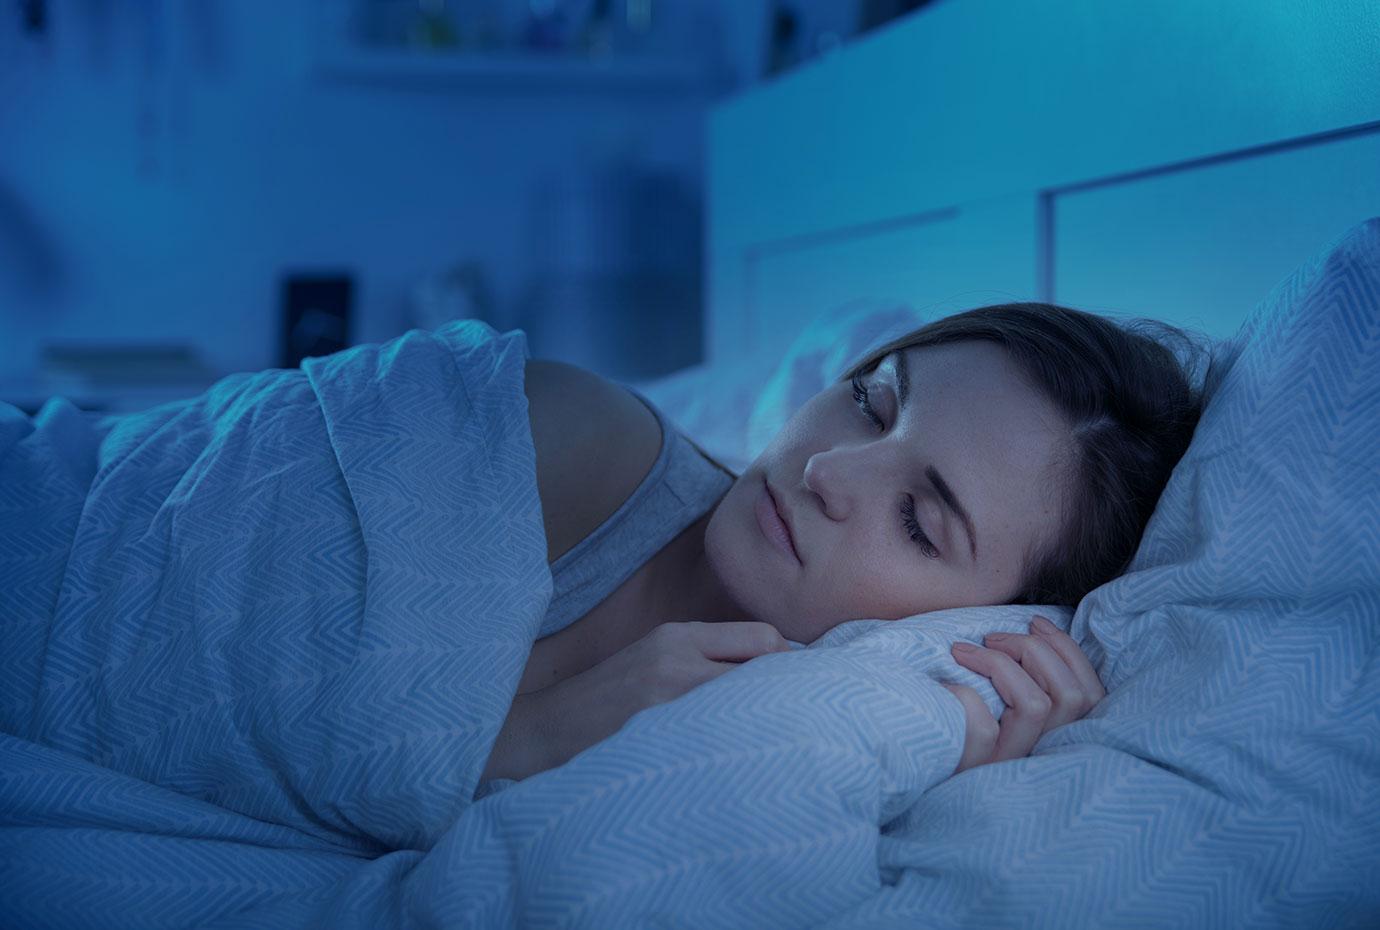 眠れないのには理由がある!眠りに悩みを抱える人が見直すべき睡眠環境6個